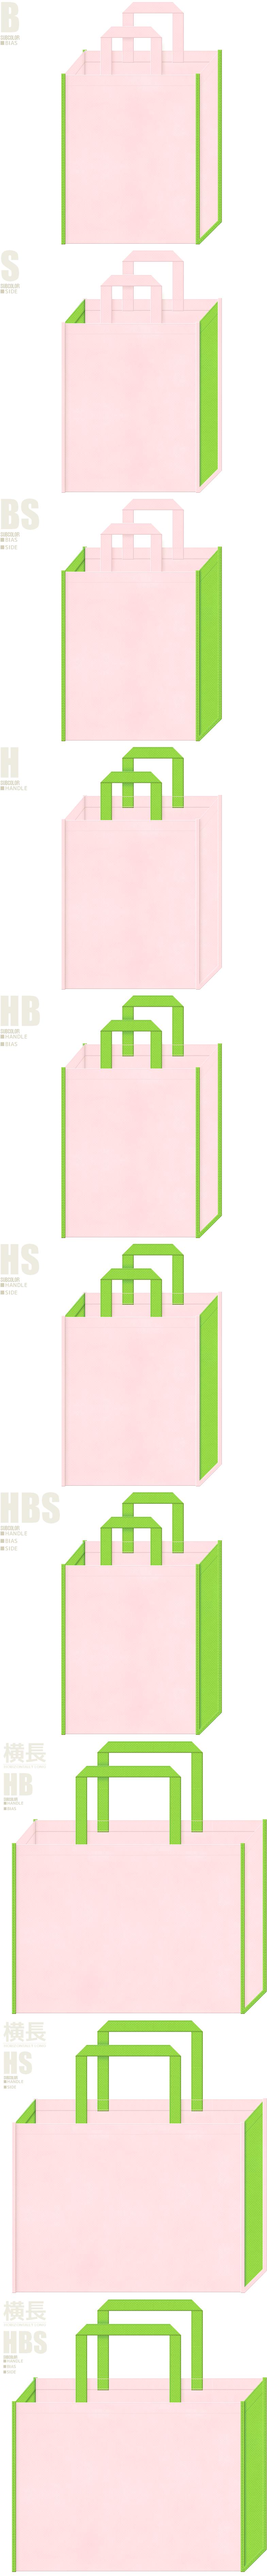 葉桜のイメージにお奨めの不織布バッグデザイン:桜色と黄緑色の配色7パターン。